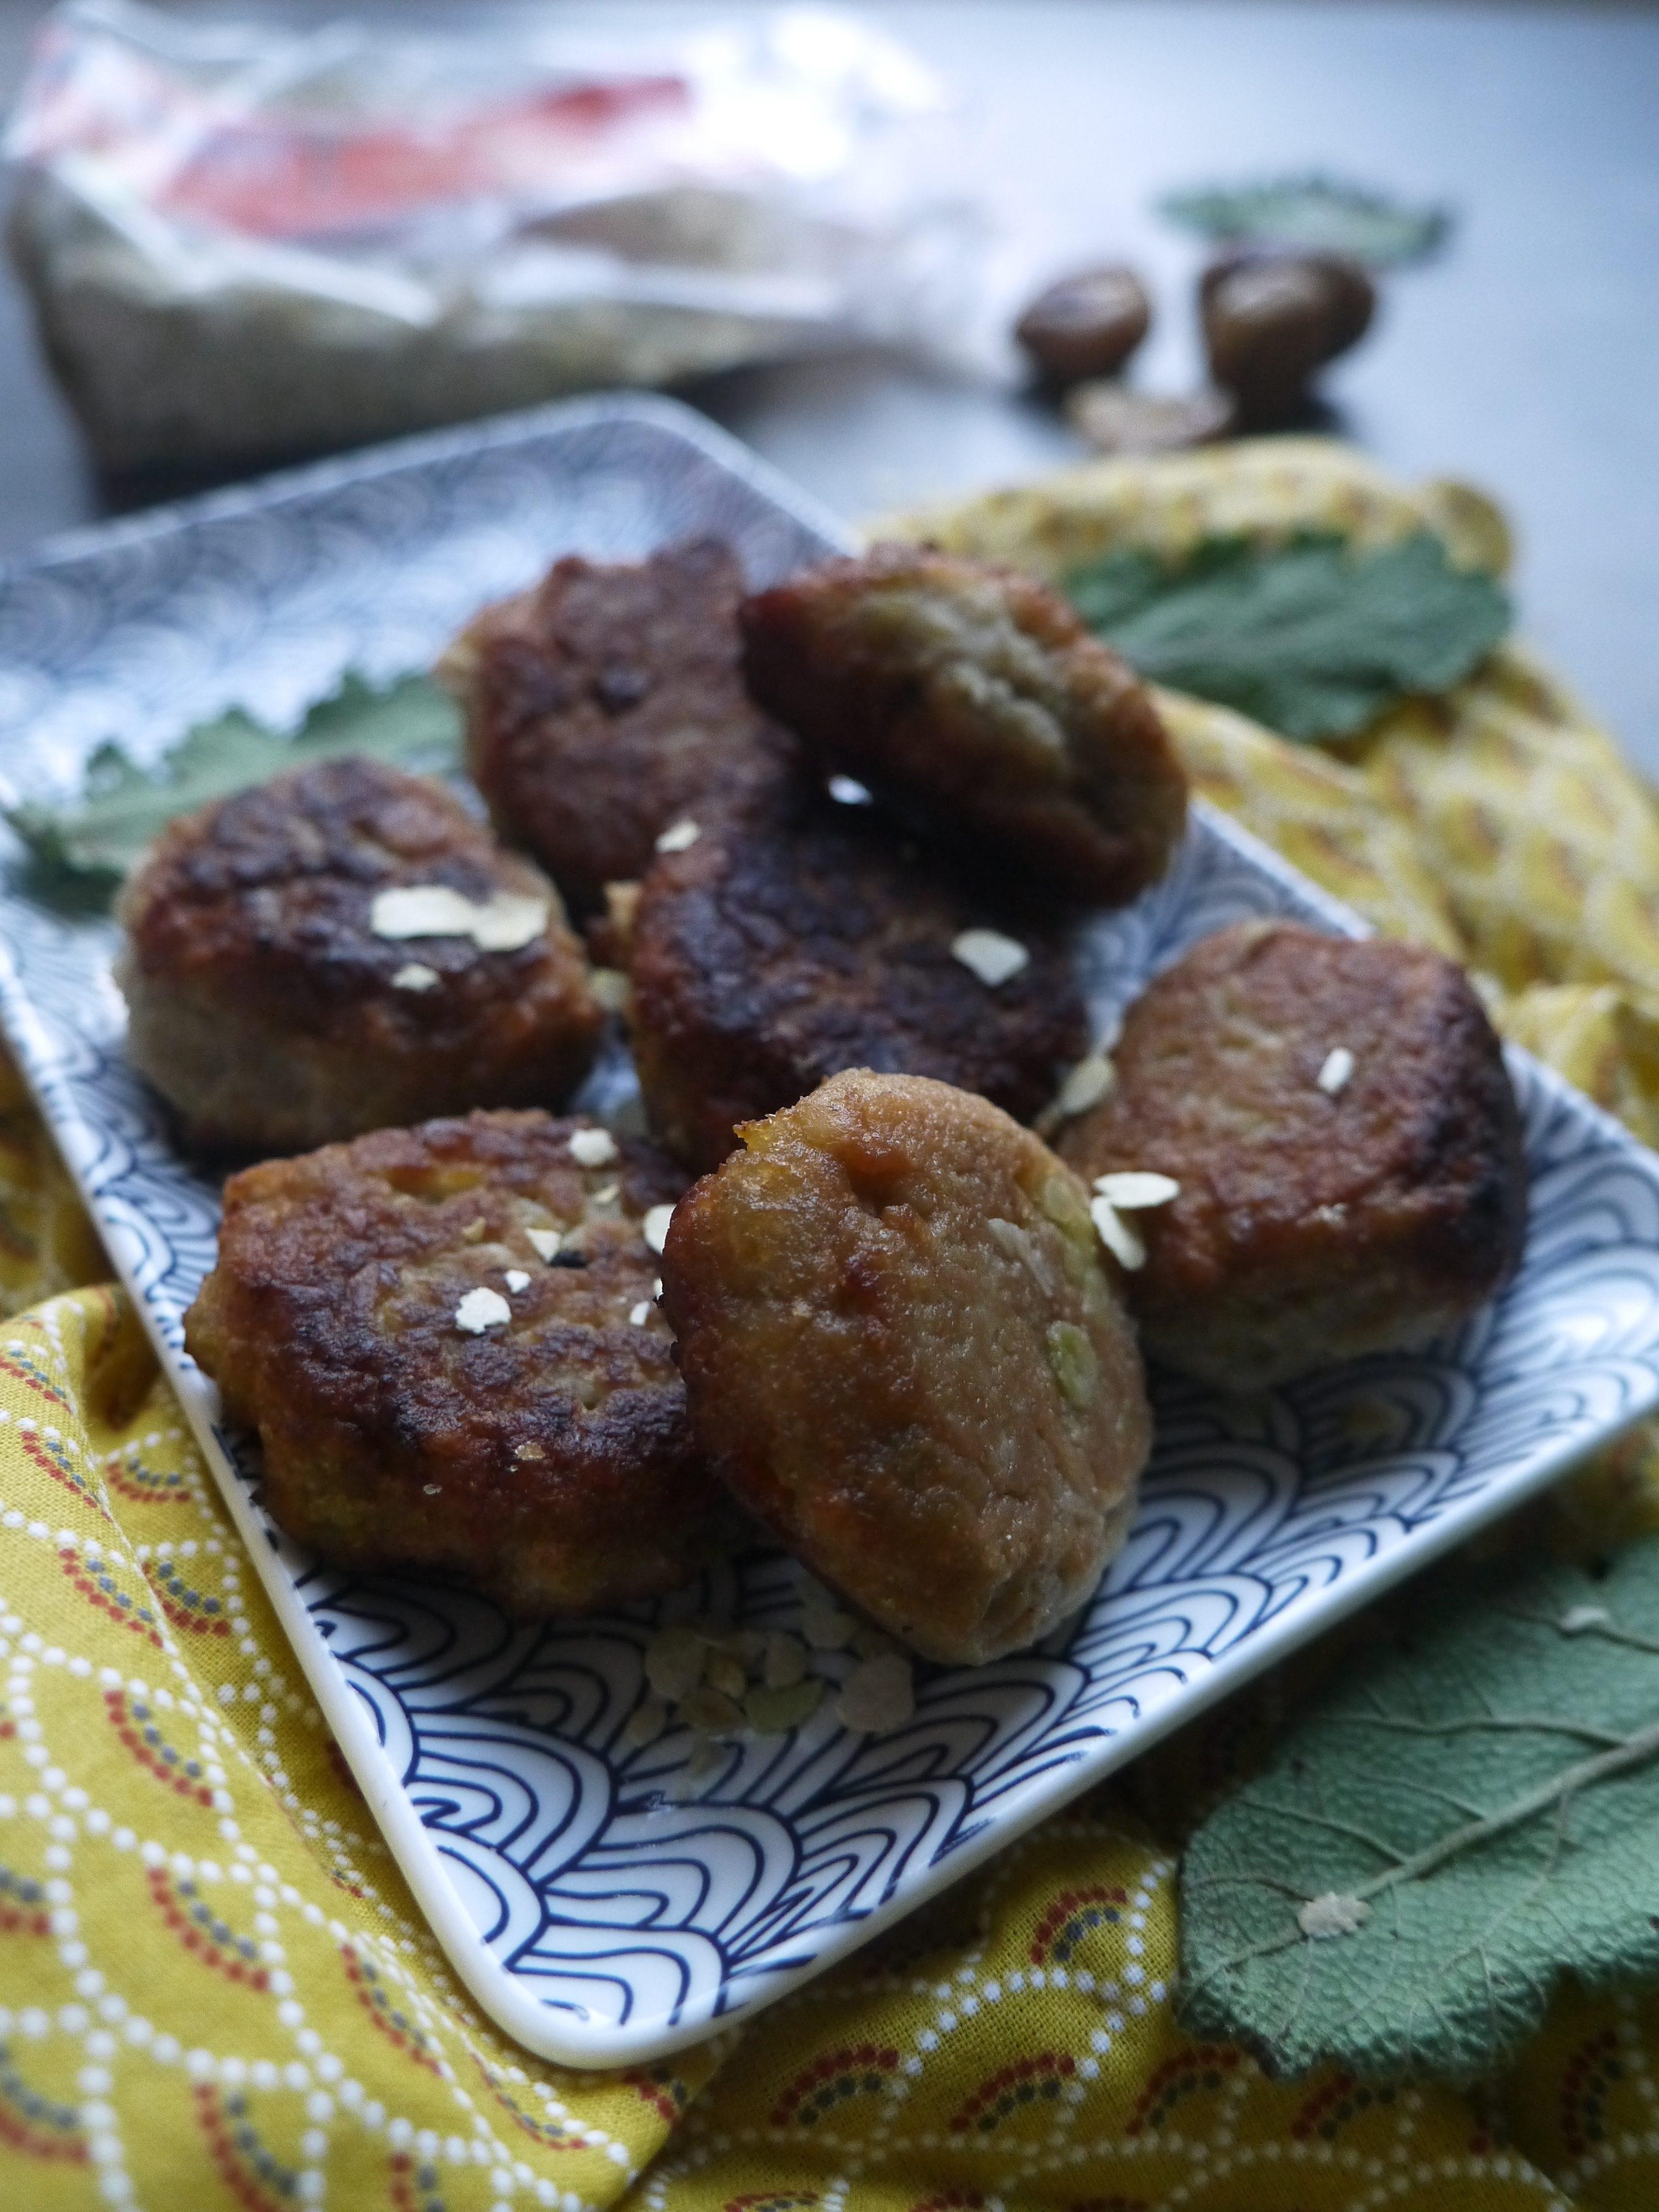 boulette - cours de cuisine - niort